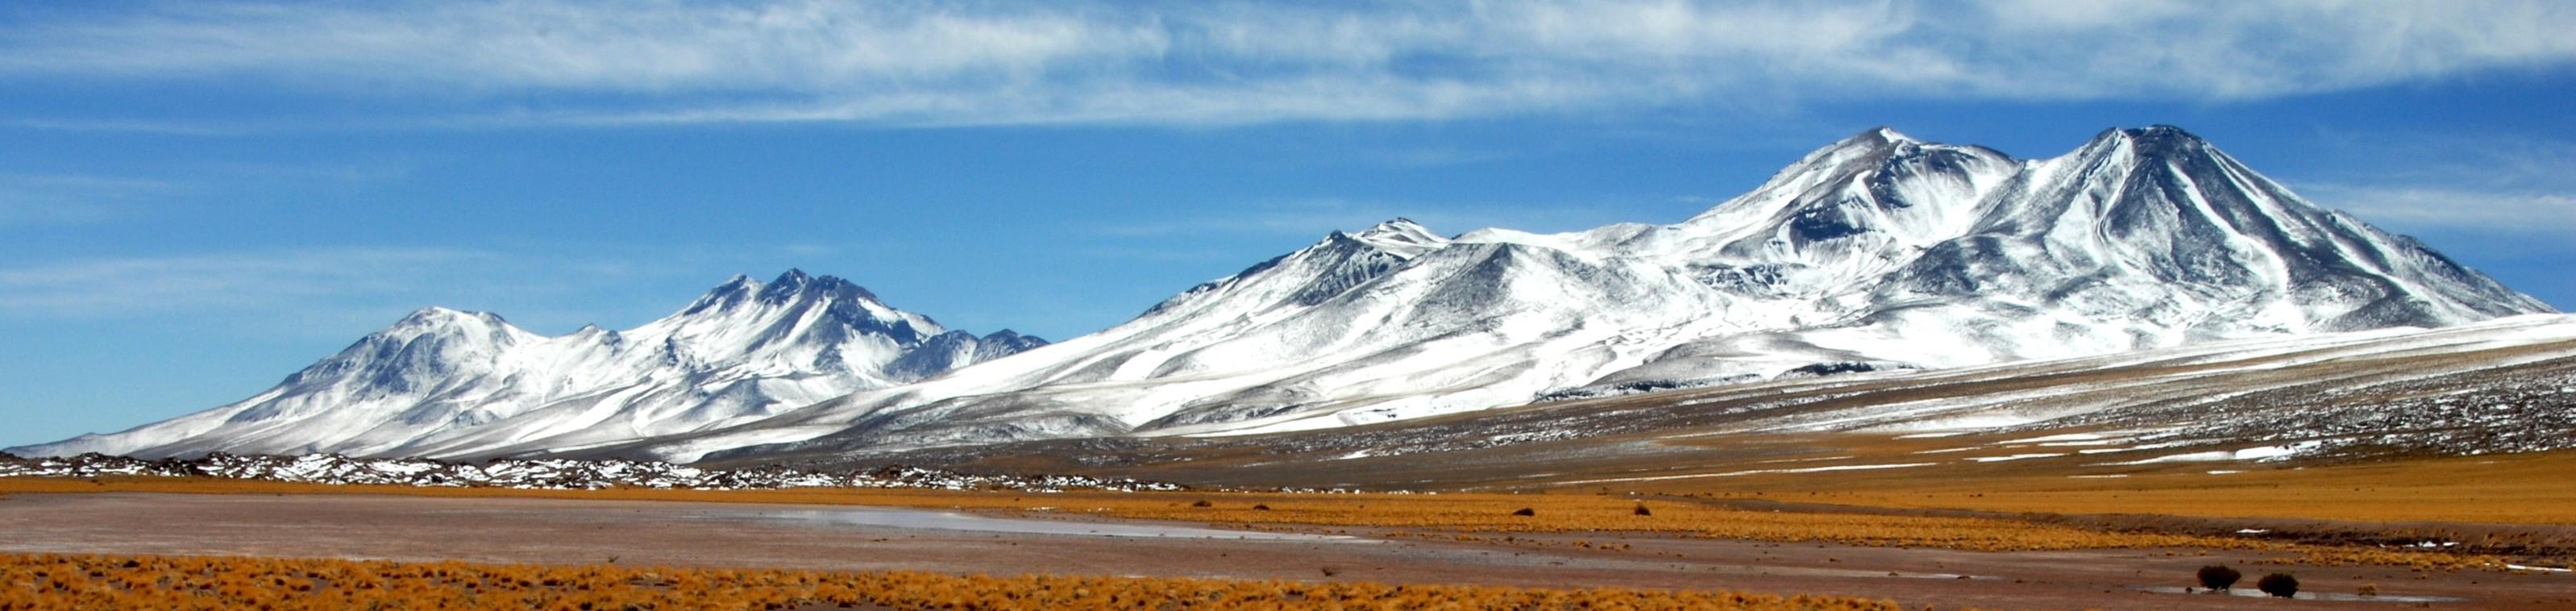 Begeleide rondreis Chili en Paaseiland